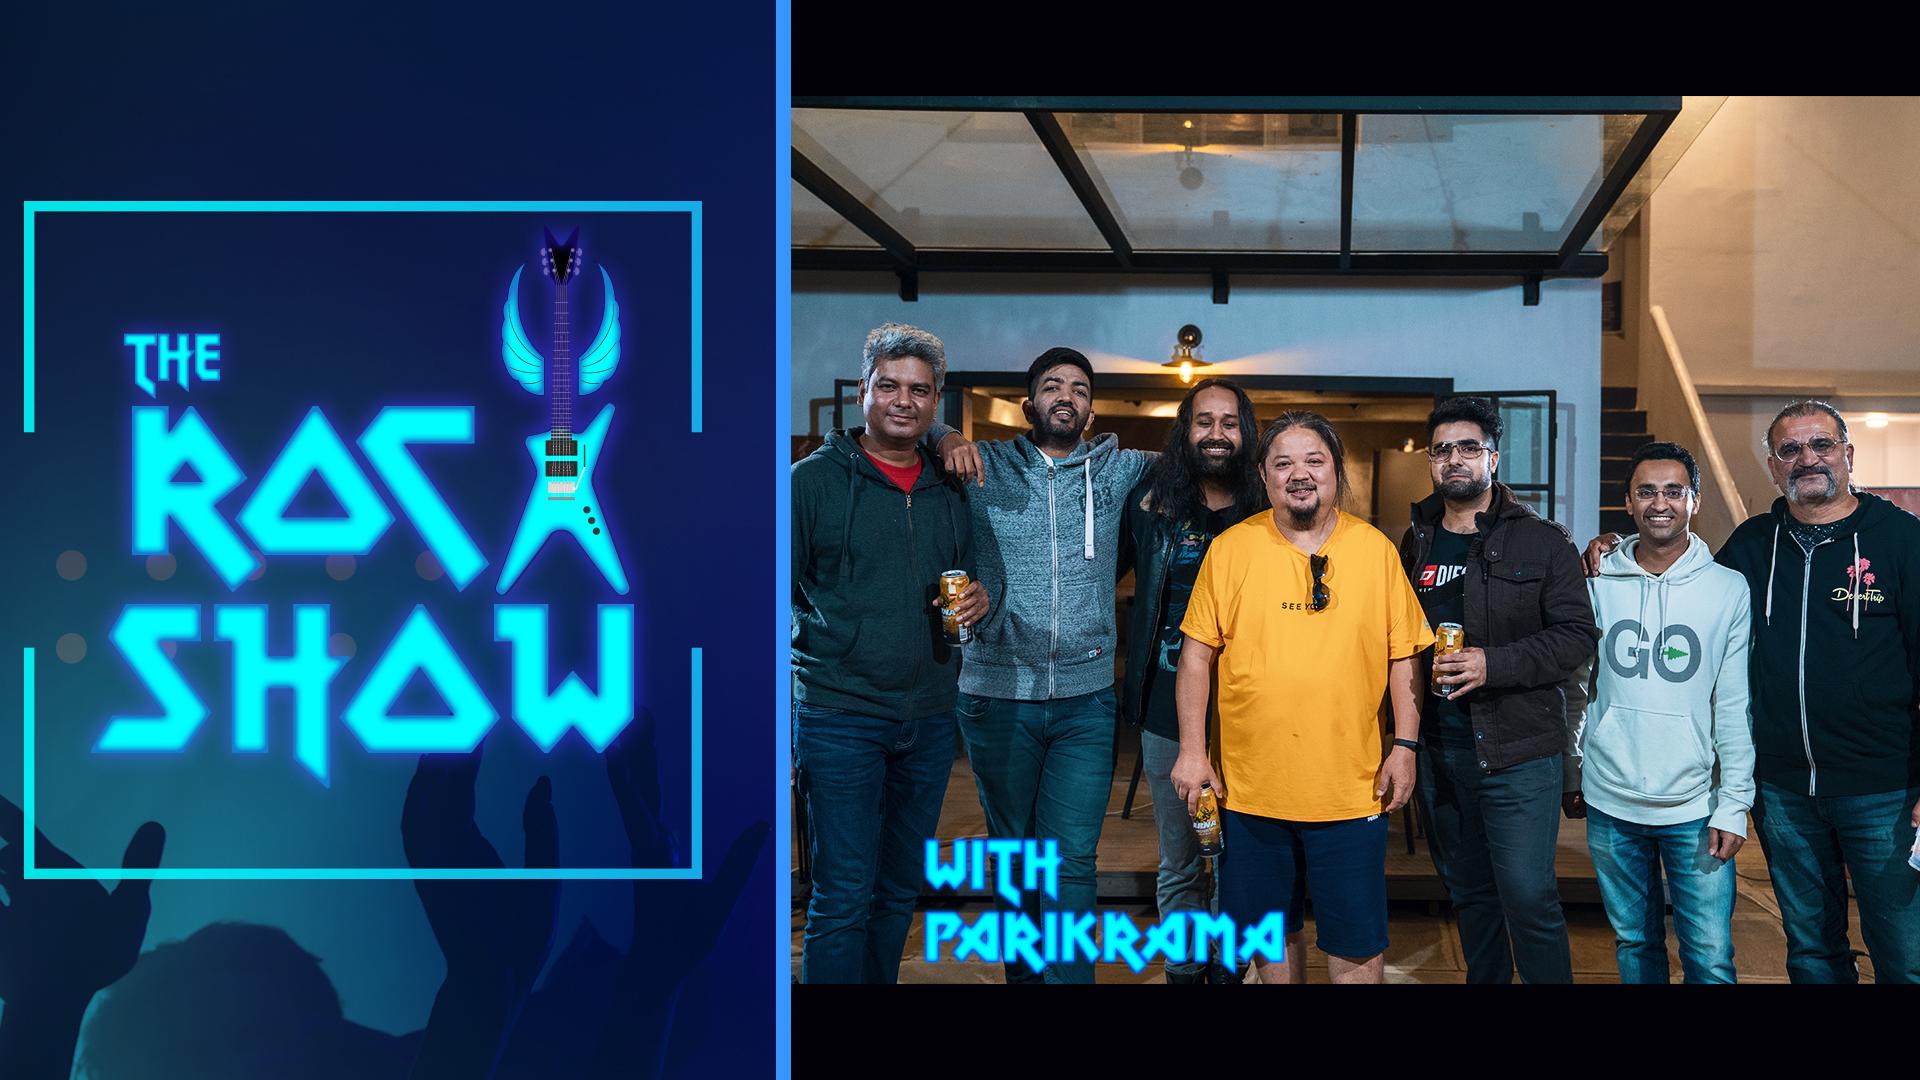 PARIKRAMA | Band / The Rock Show - Abhishek S. Mishra